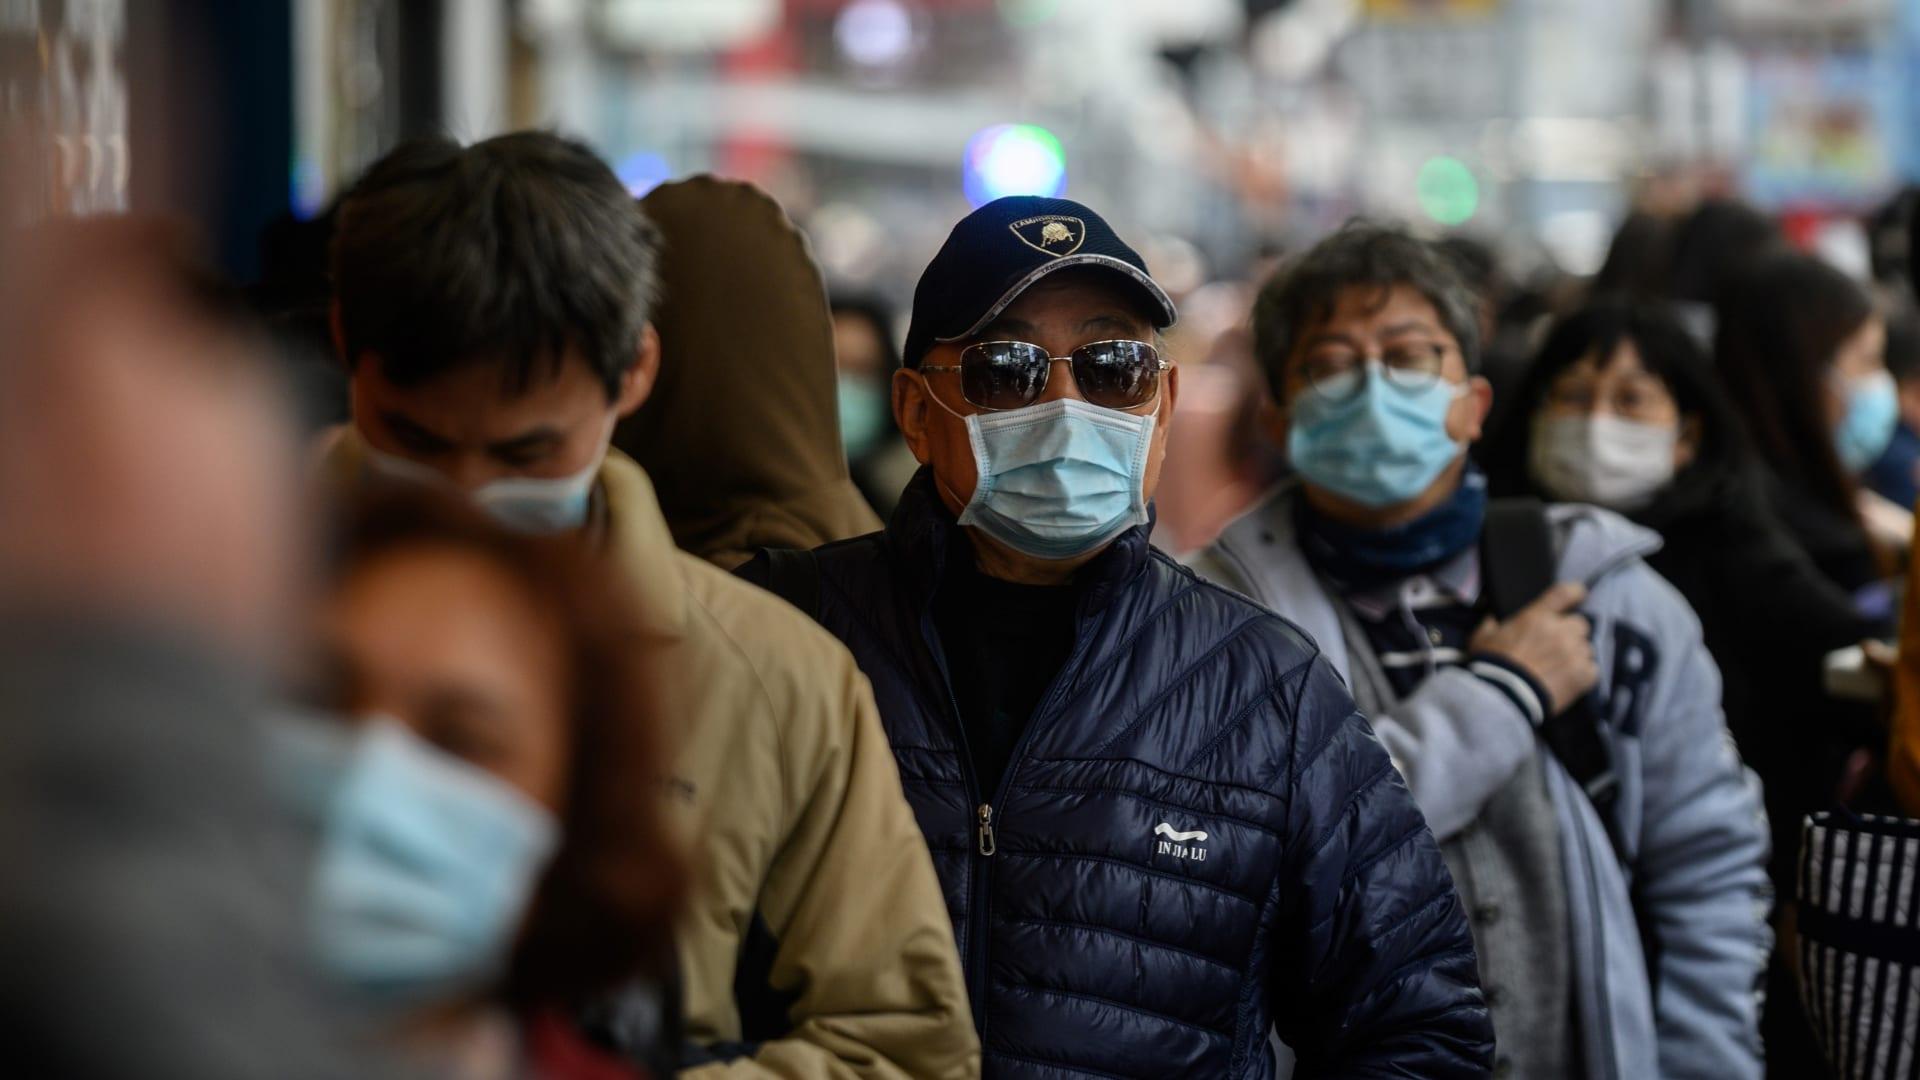 مختبر كندي يعمل على لقاح لفيروس كورونا الجديد